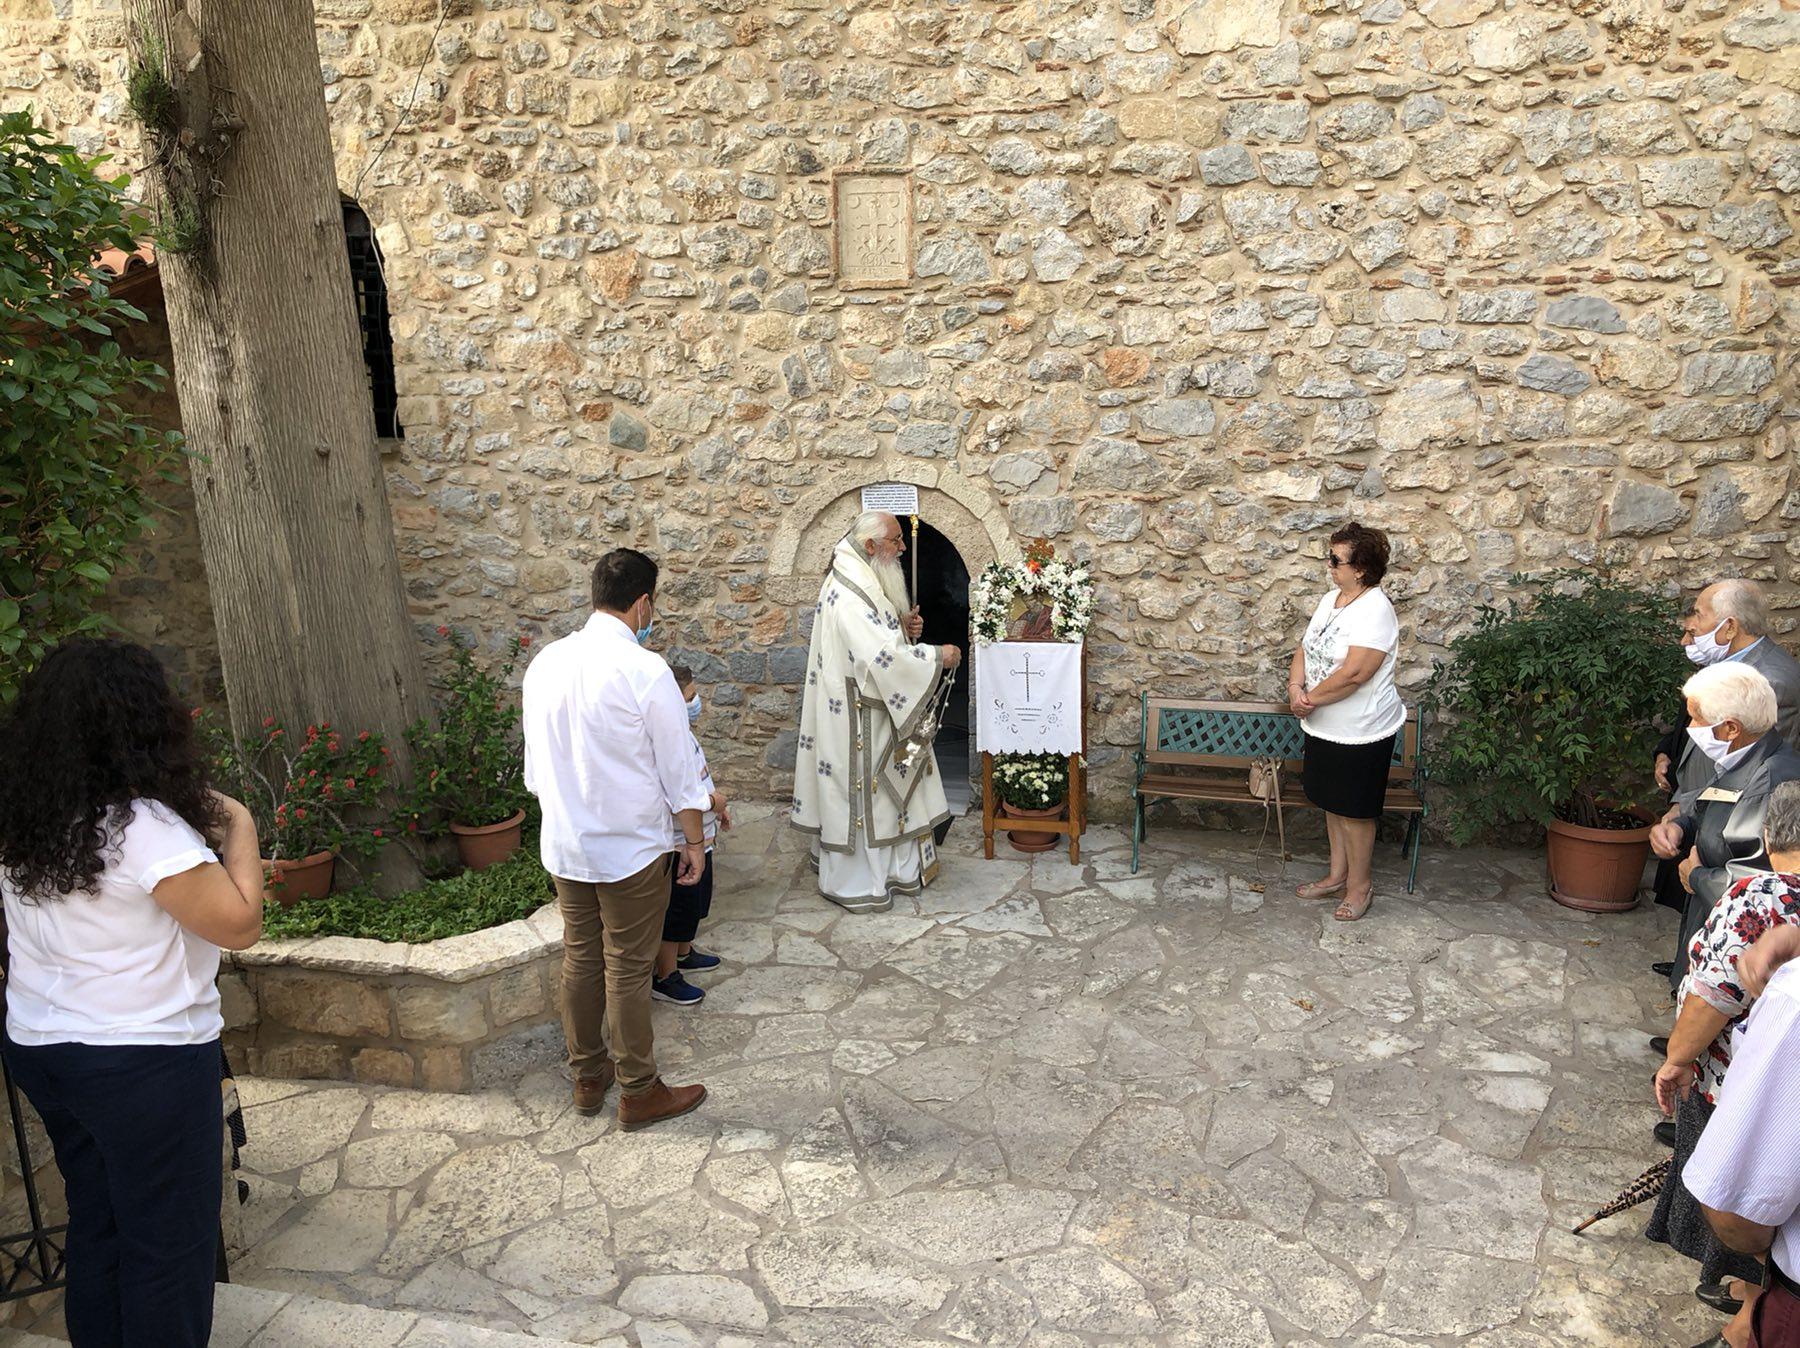 Εορτή Μεταστάσεως Αγίου Ιωάννου του Θεολόγου – Κυριακή Α΄ Λουκά στην Βοιωτια (ΦΩΤΟ)